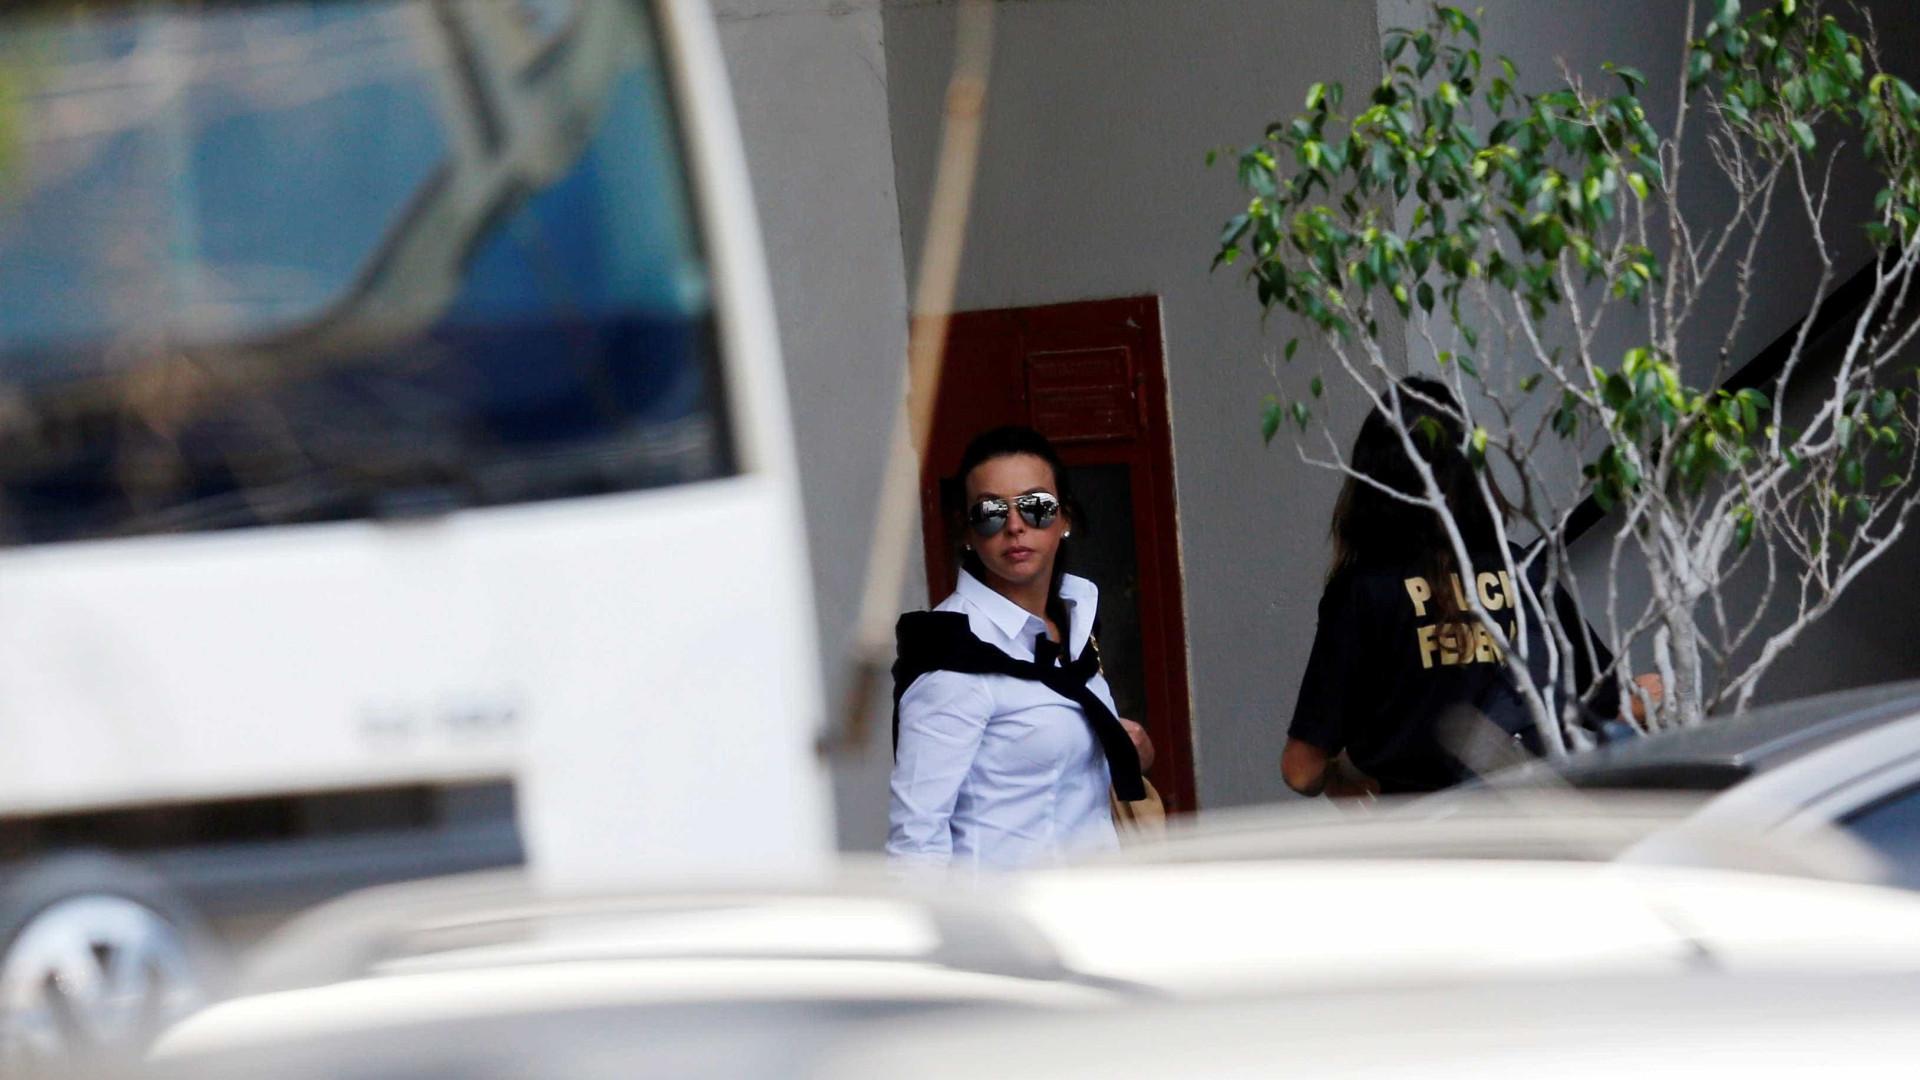 Justiça condena Sérgio Cabral a 45 anos de prisão por três crimes